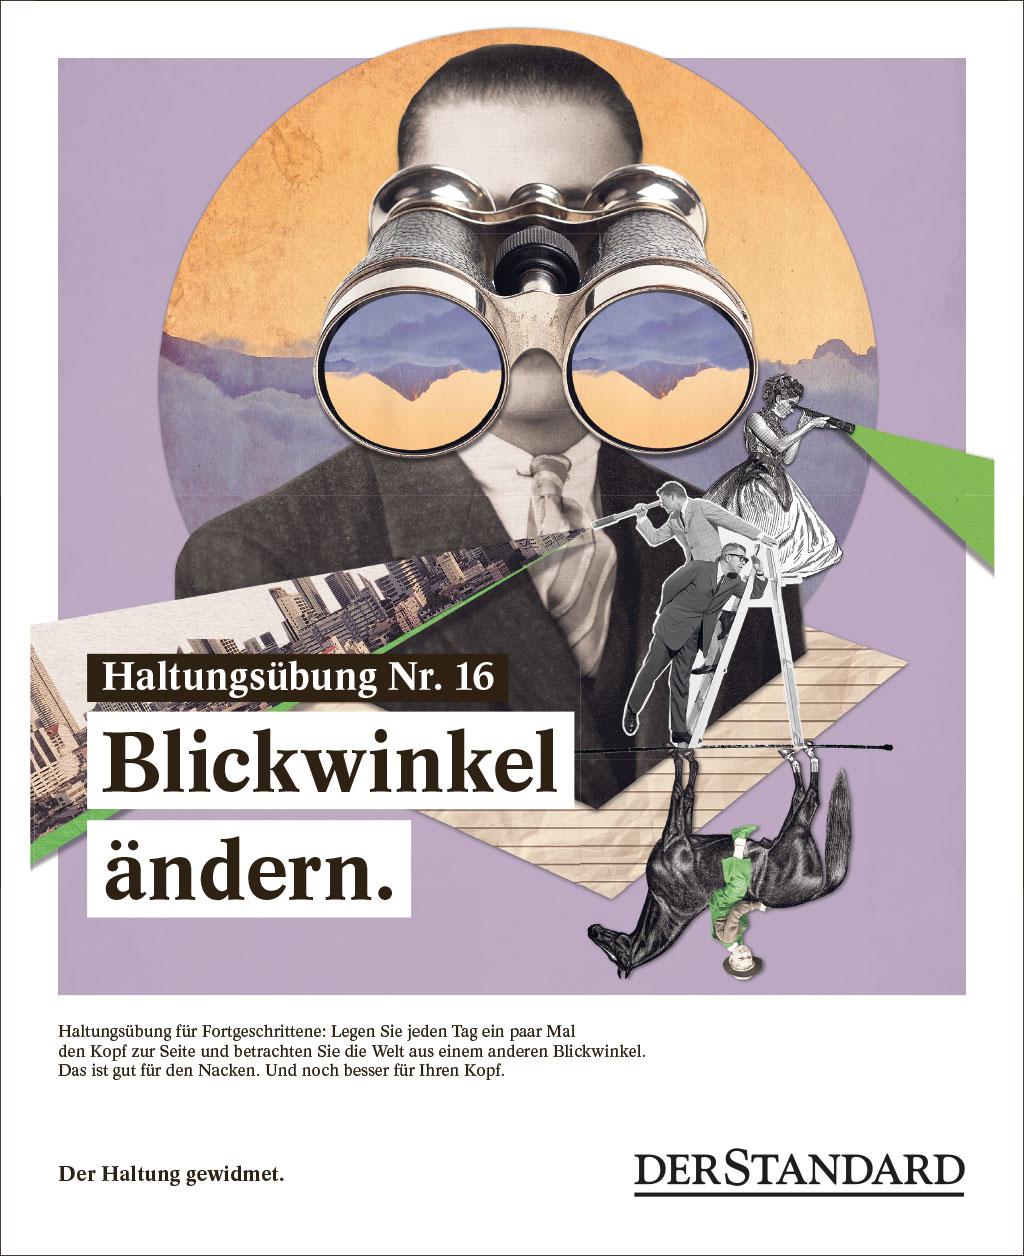 IMG_Haltungsbung16_Blickwinkel-ändern_1024x1256